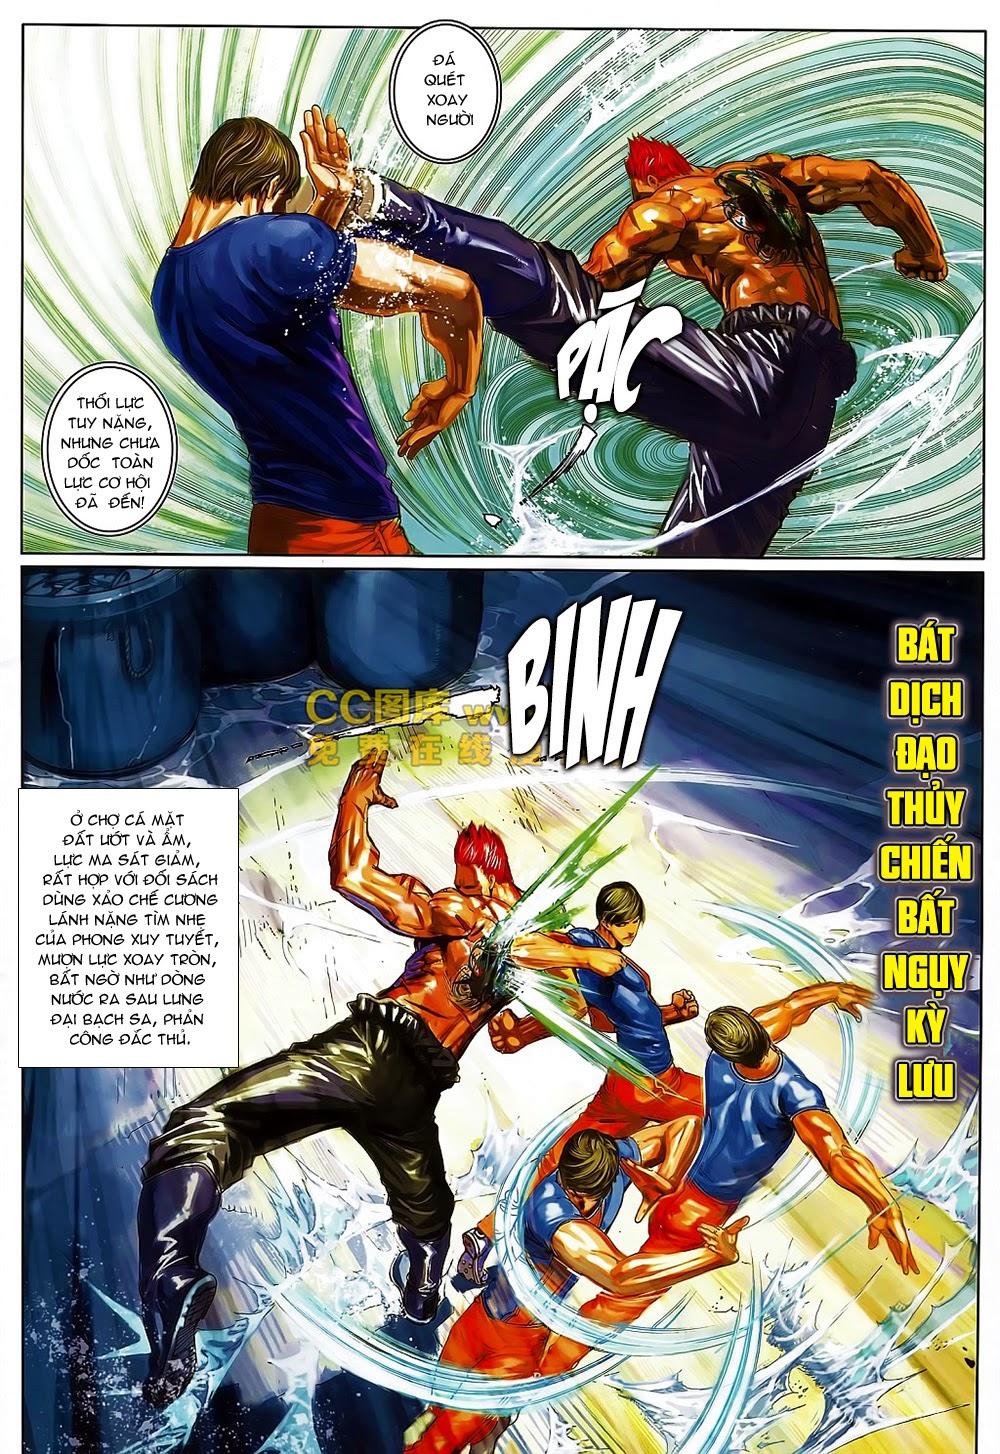 Quyền Đạo chapter 6 trang 4